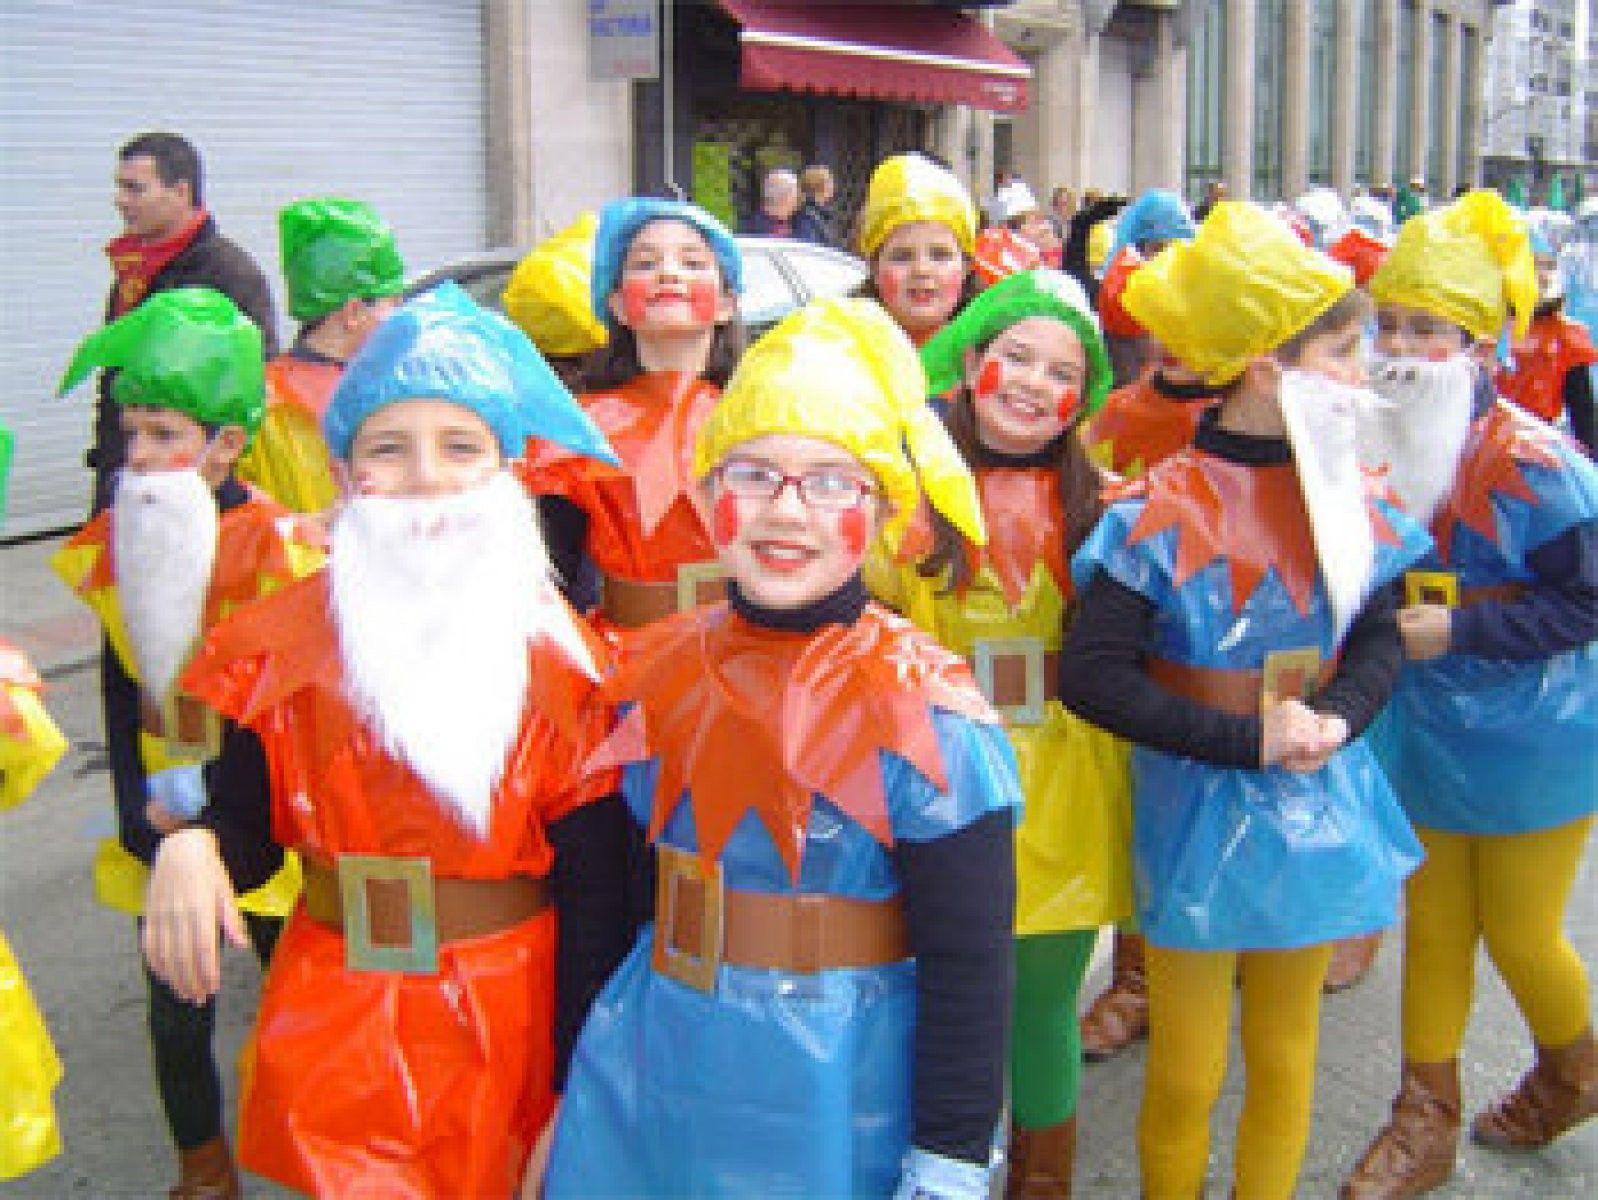 Disfraces Para Carnaval Disfraces Carnaval Disfraces Disfraces Sencillos Para Niños